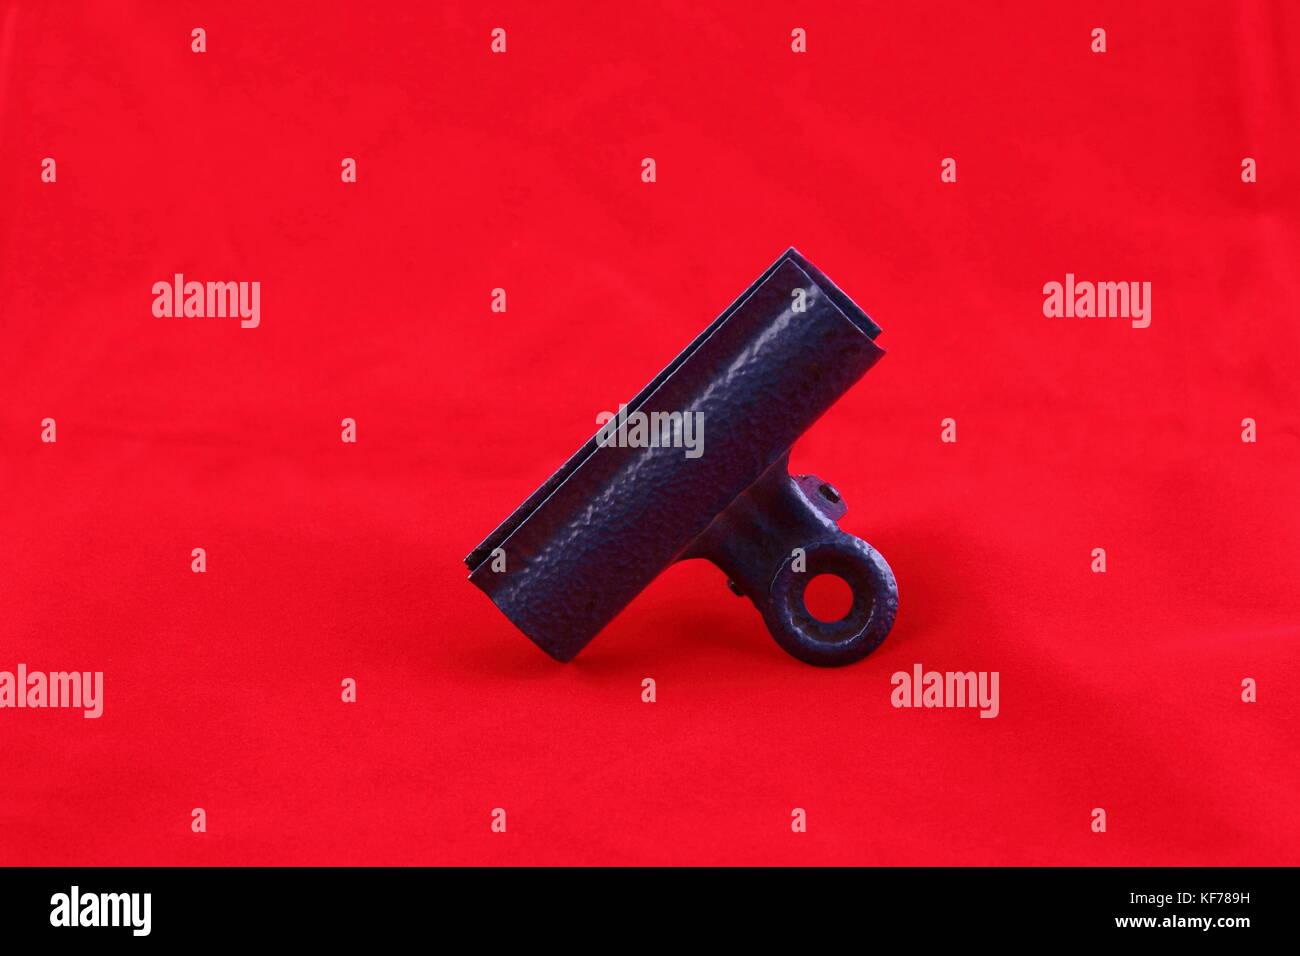 Retro Clip aus Metall auf einem roten Hintergrund im Querformat mit Kopie Raum Stockbild